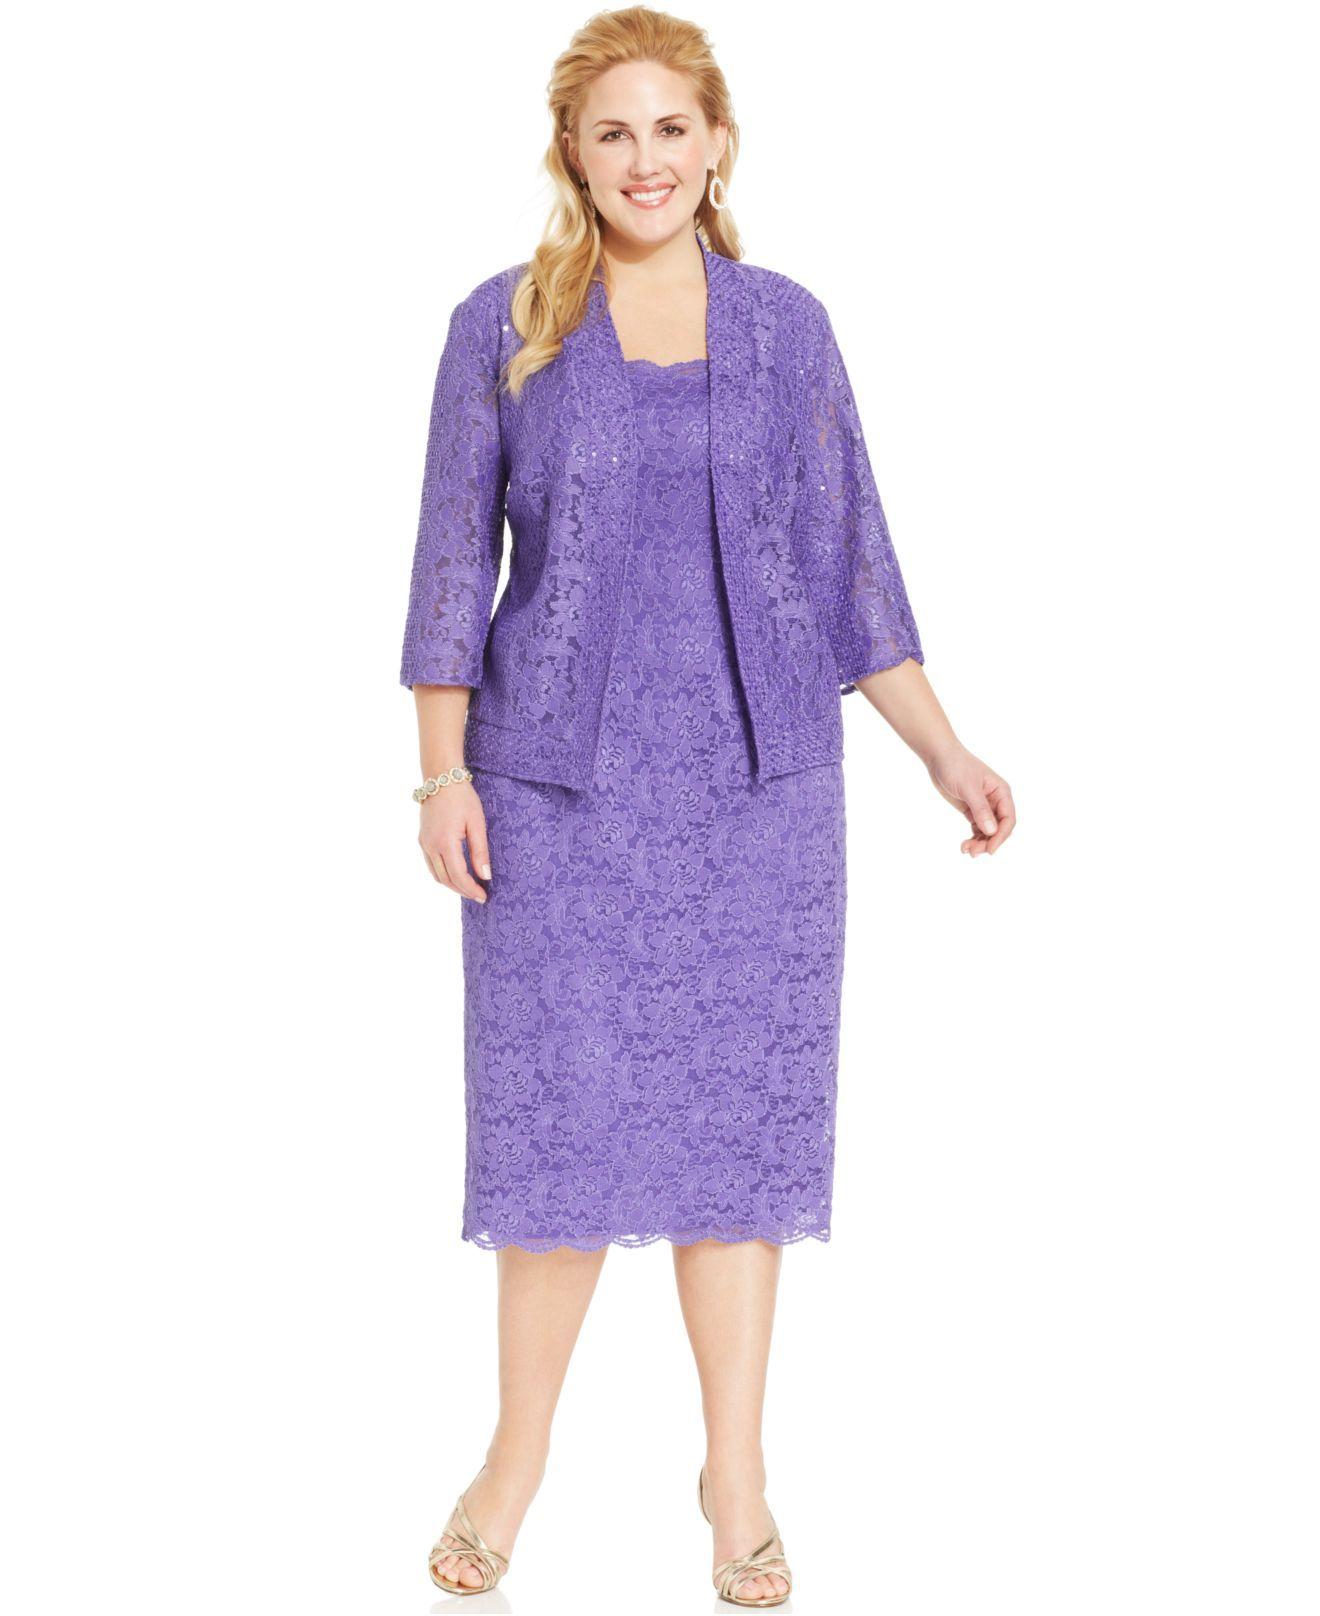 alex evening dresses plus size images - dresses design ideas